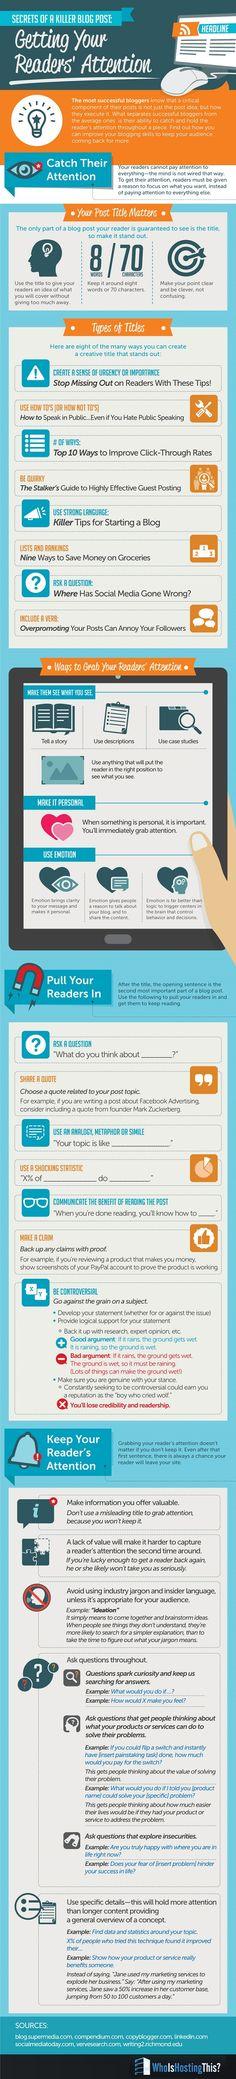 Tipps und Tricks für optimalen Blog Content #Infografik  Bloggen kann jeder – nur nicht unbedingt gut. Gute Blogs bieten den Lesern Mehrwert zu interessanten und spannenden Themen. #blogging #bloggingtipps #blogger